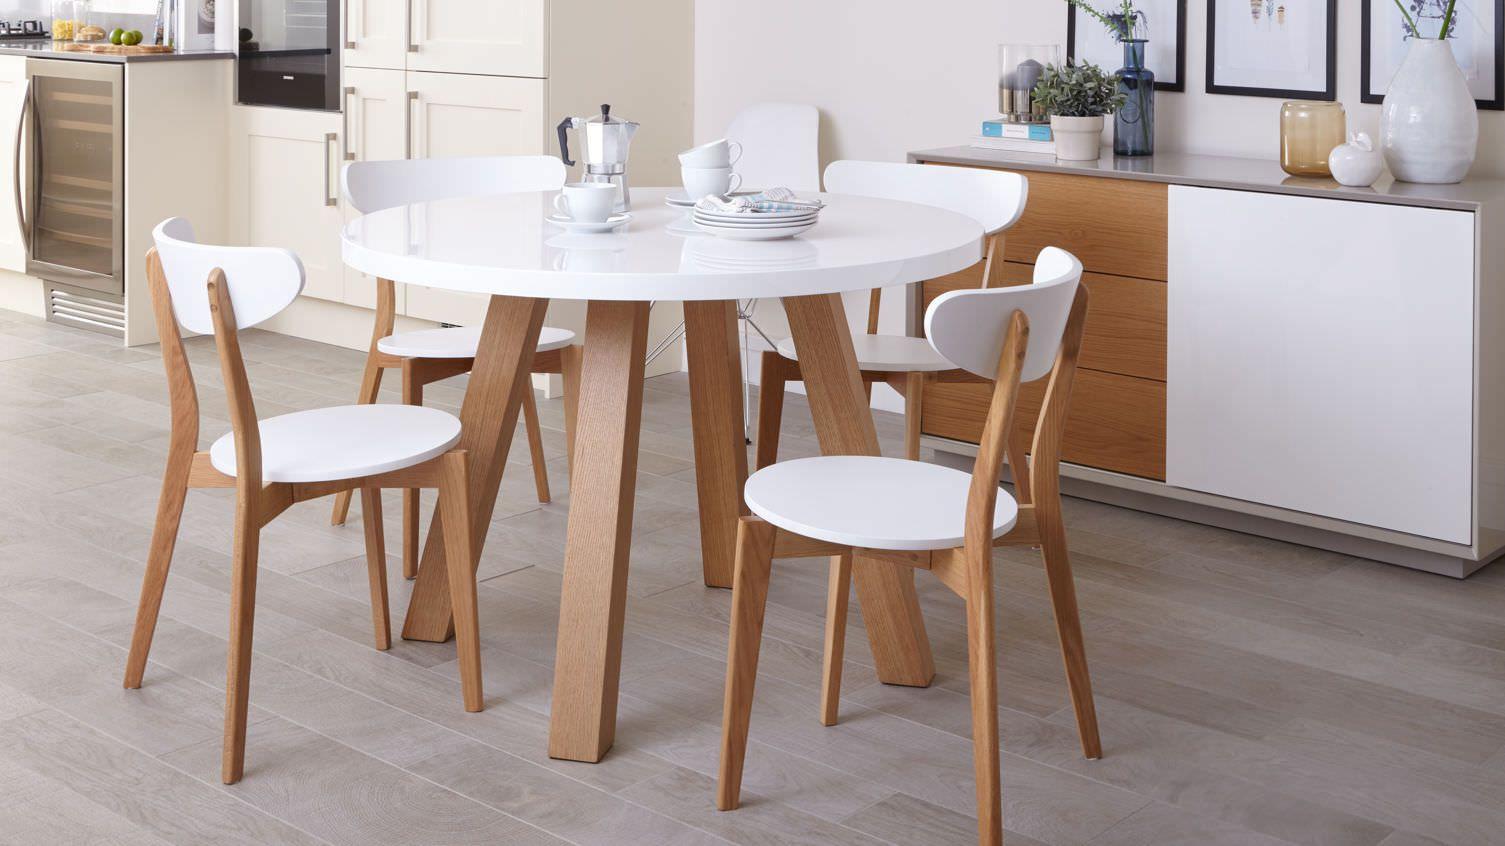 Как выбрать столешницу для обеденного стола для кухни?